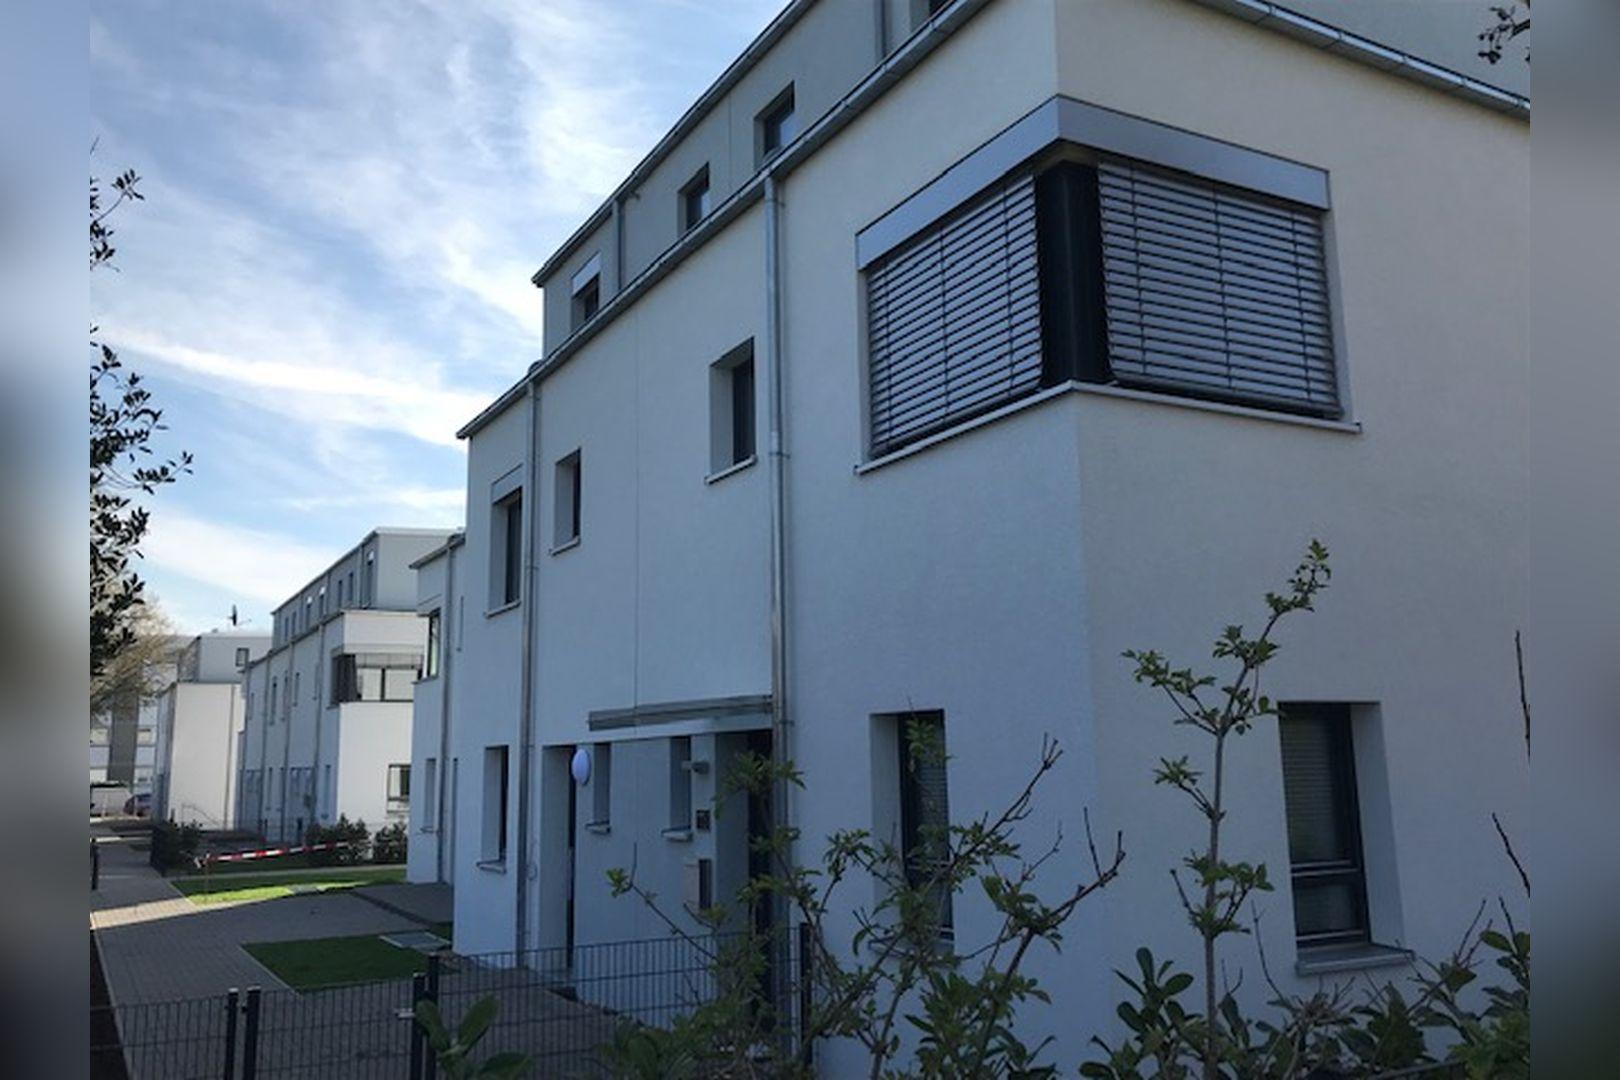 Immobilie Nr.BÖ-000 - Energieeffizientes Neubauquartier mit 20 Wohneinheiten und TG - Bild 12.jpg